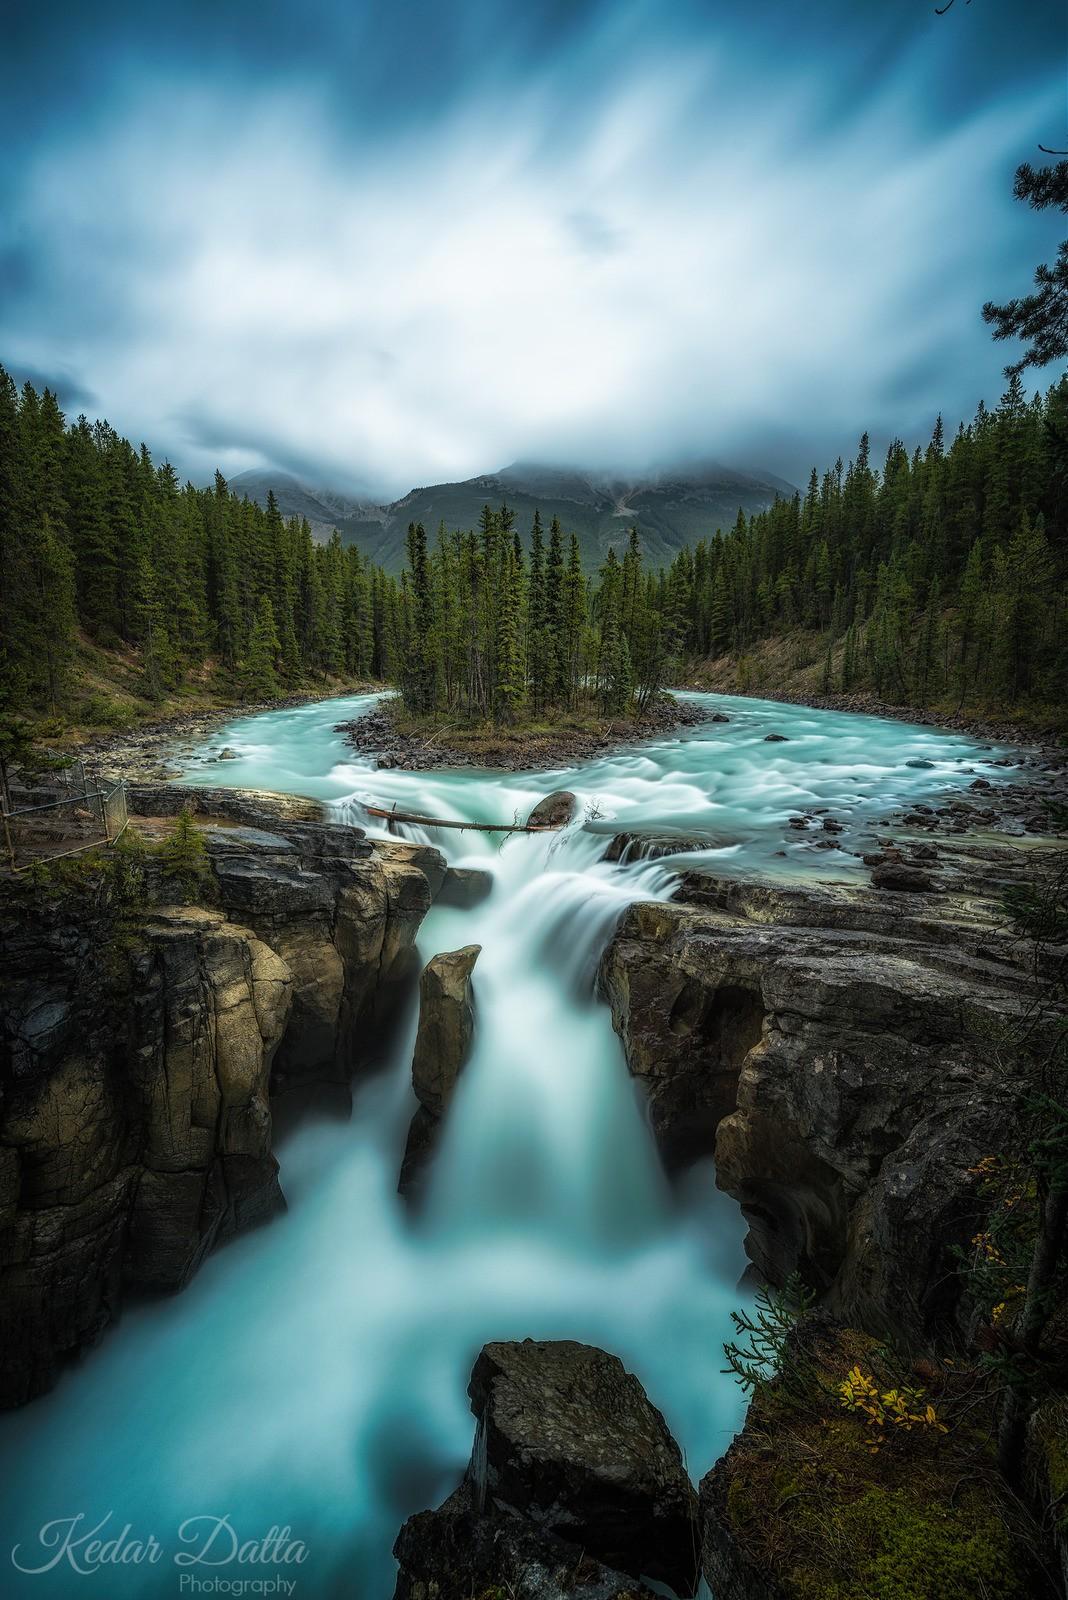 16 kỳ quan thác nước tuyệt đẹp trên khắp thế gian - Ảnh 19.